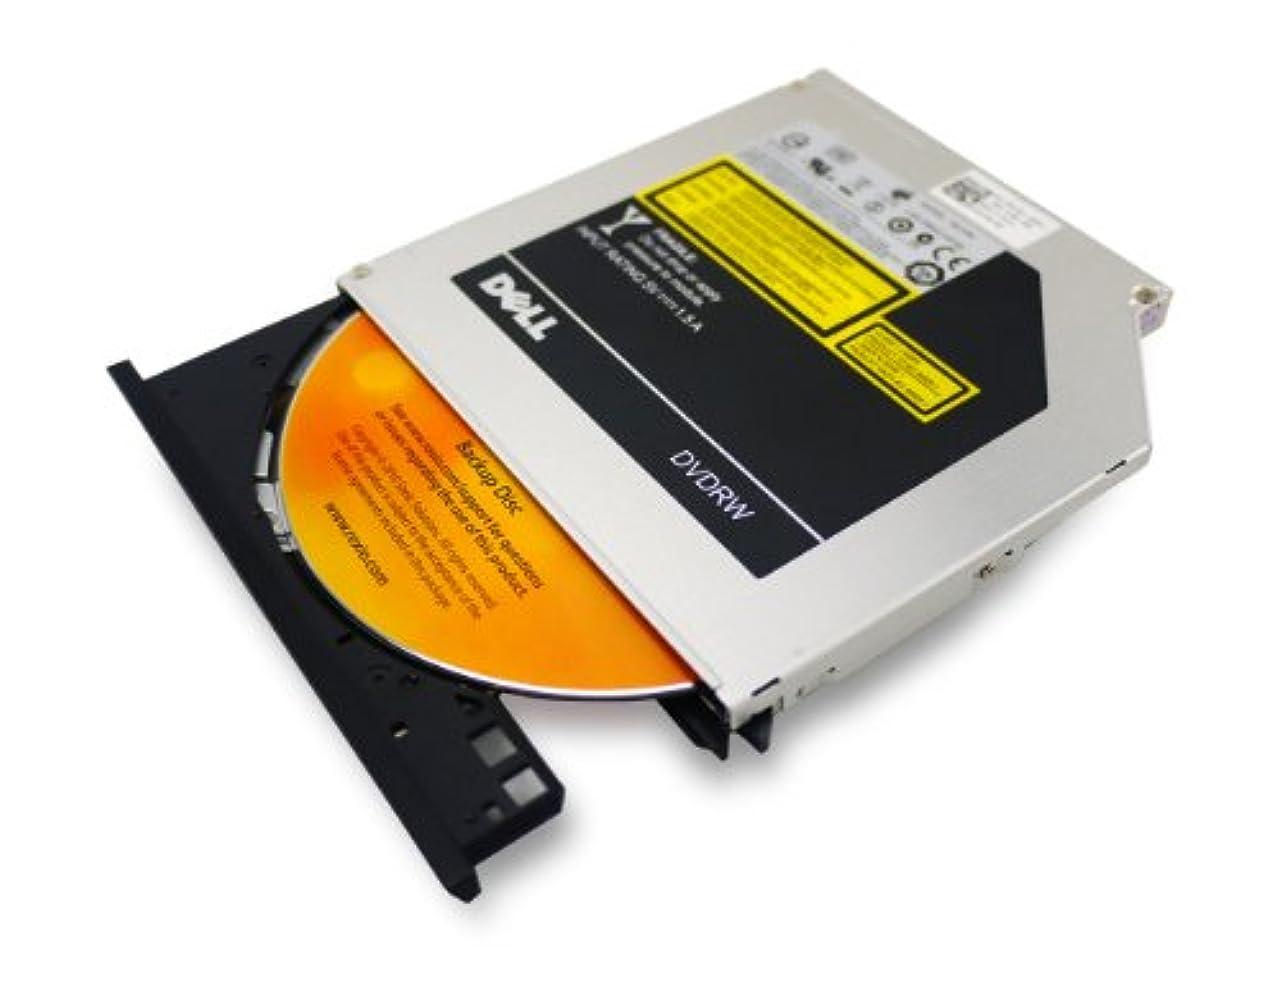 センチメンタル水っぽい仮説HighDing SATA CD DVD - ROM / RAM DVD - RWドライブライターバーナーfor Dell Latitude e6410 ATG、e6410 XFR